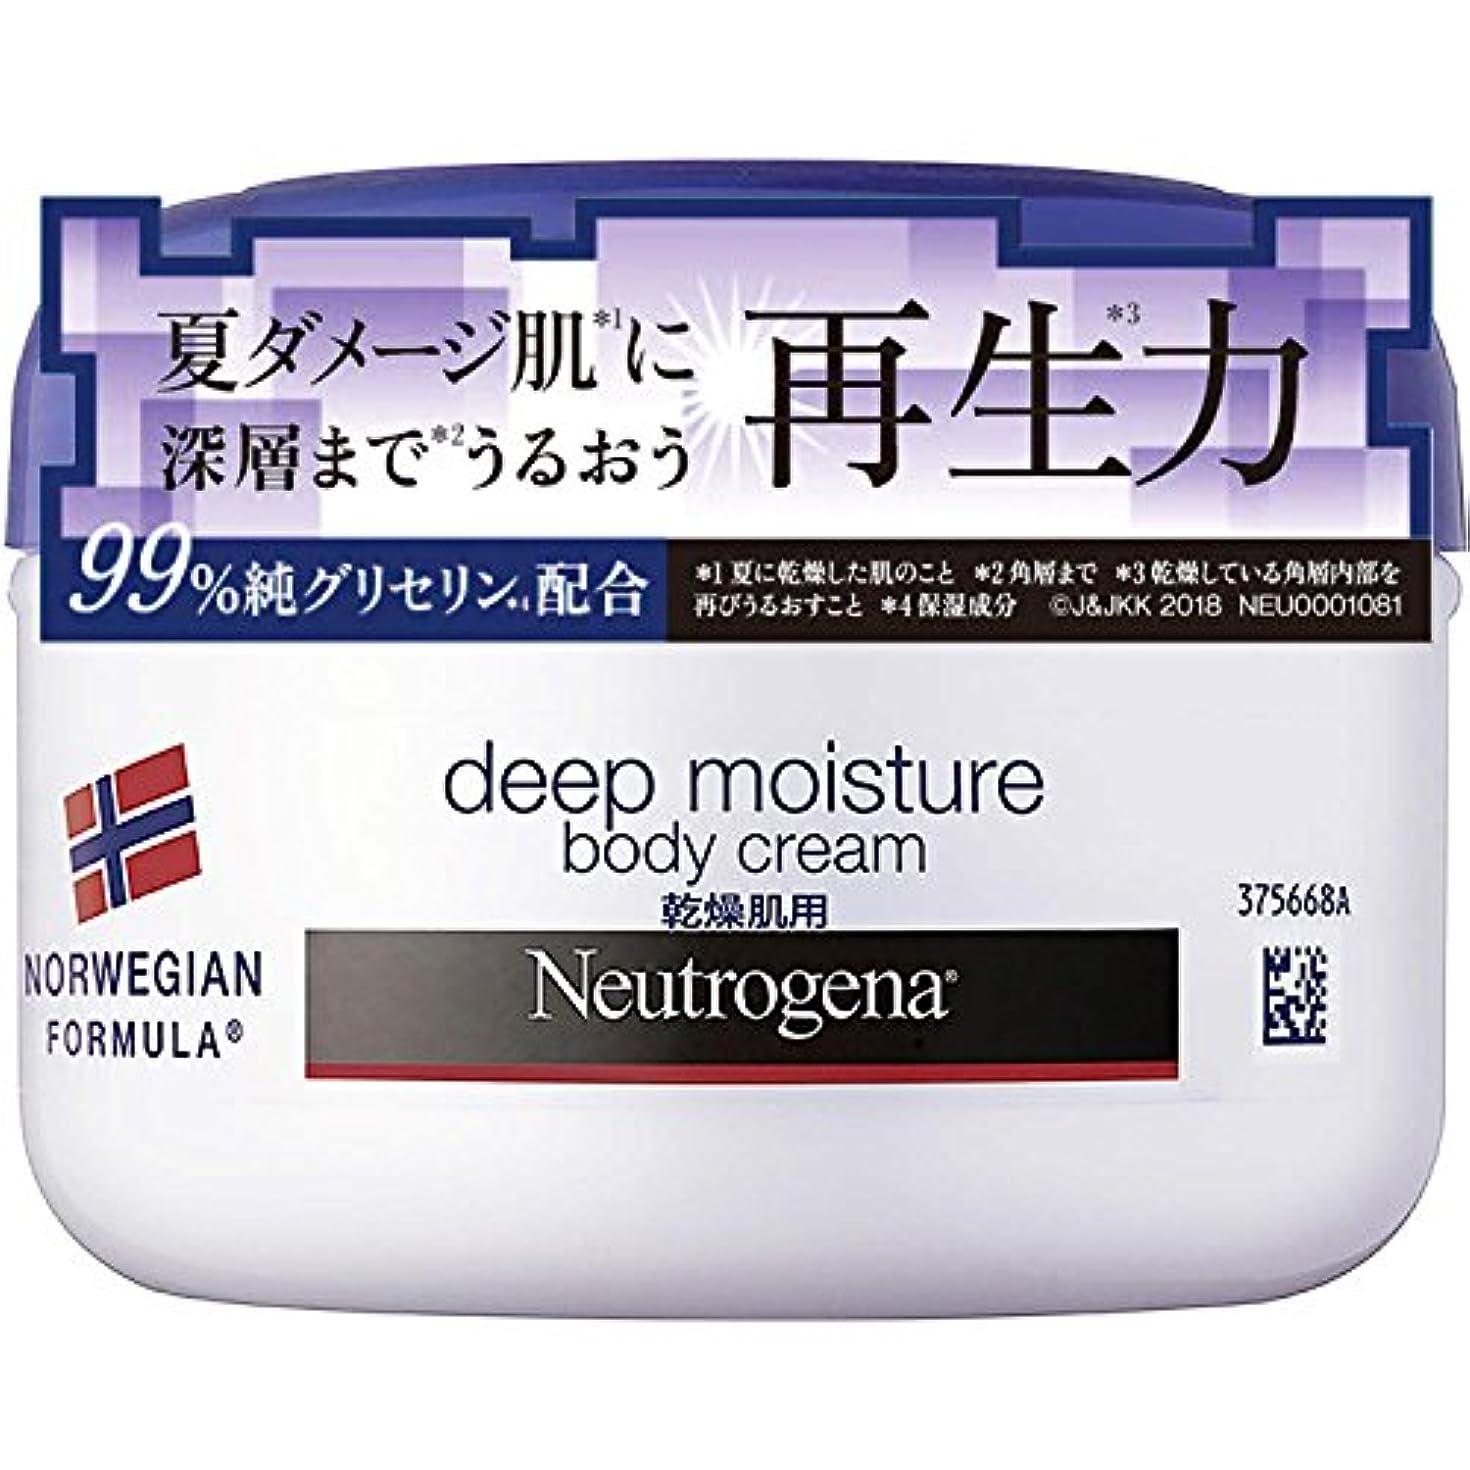 わずかな引き潮傑出したNeutrogena(ニュートロジーナ) ノルウェーフォーミュラ ディープモイスチャー ボディクリーム 乾燥肌用 微香性 200ml